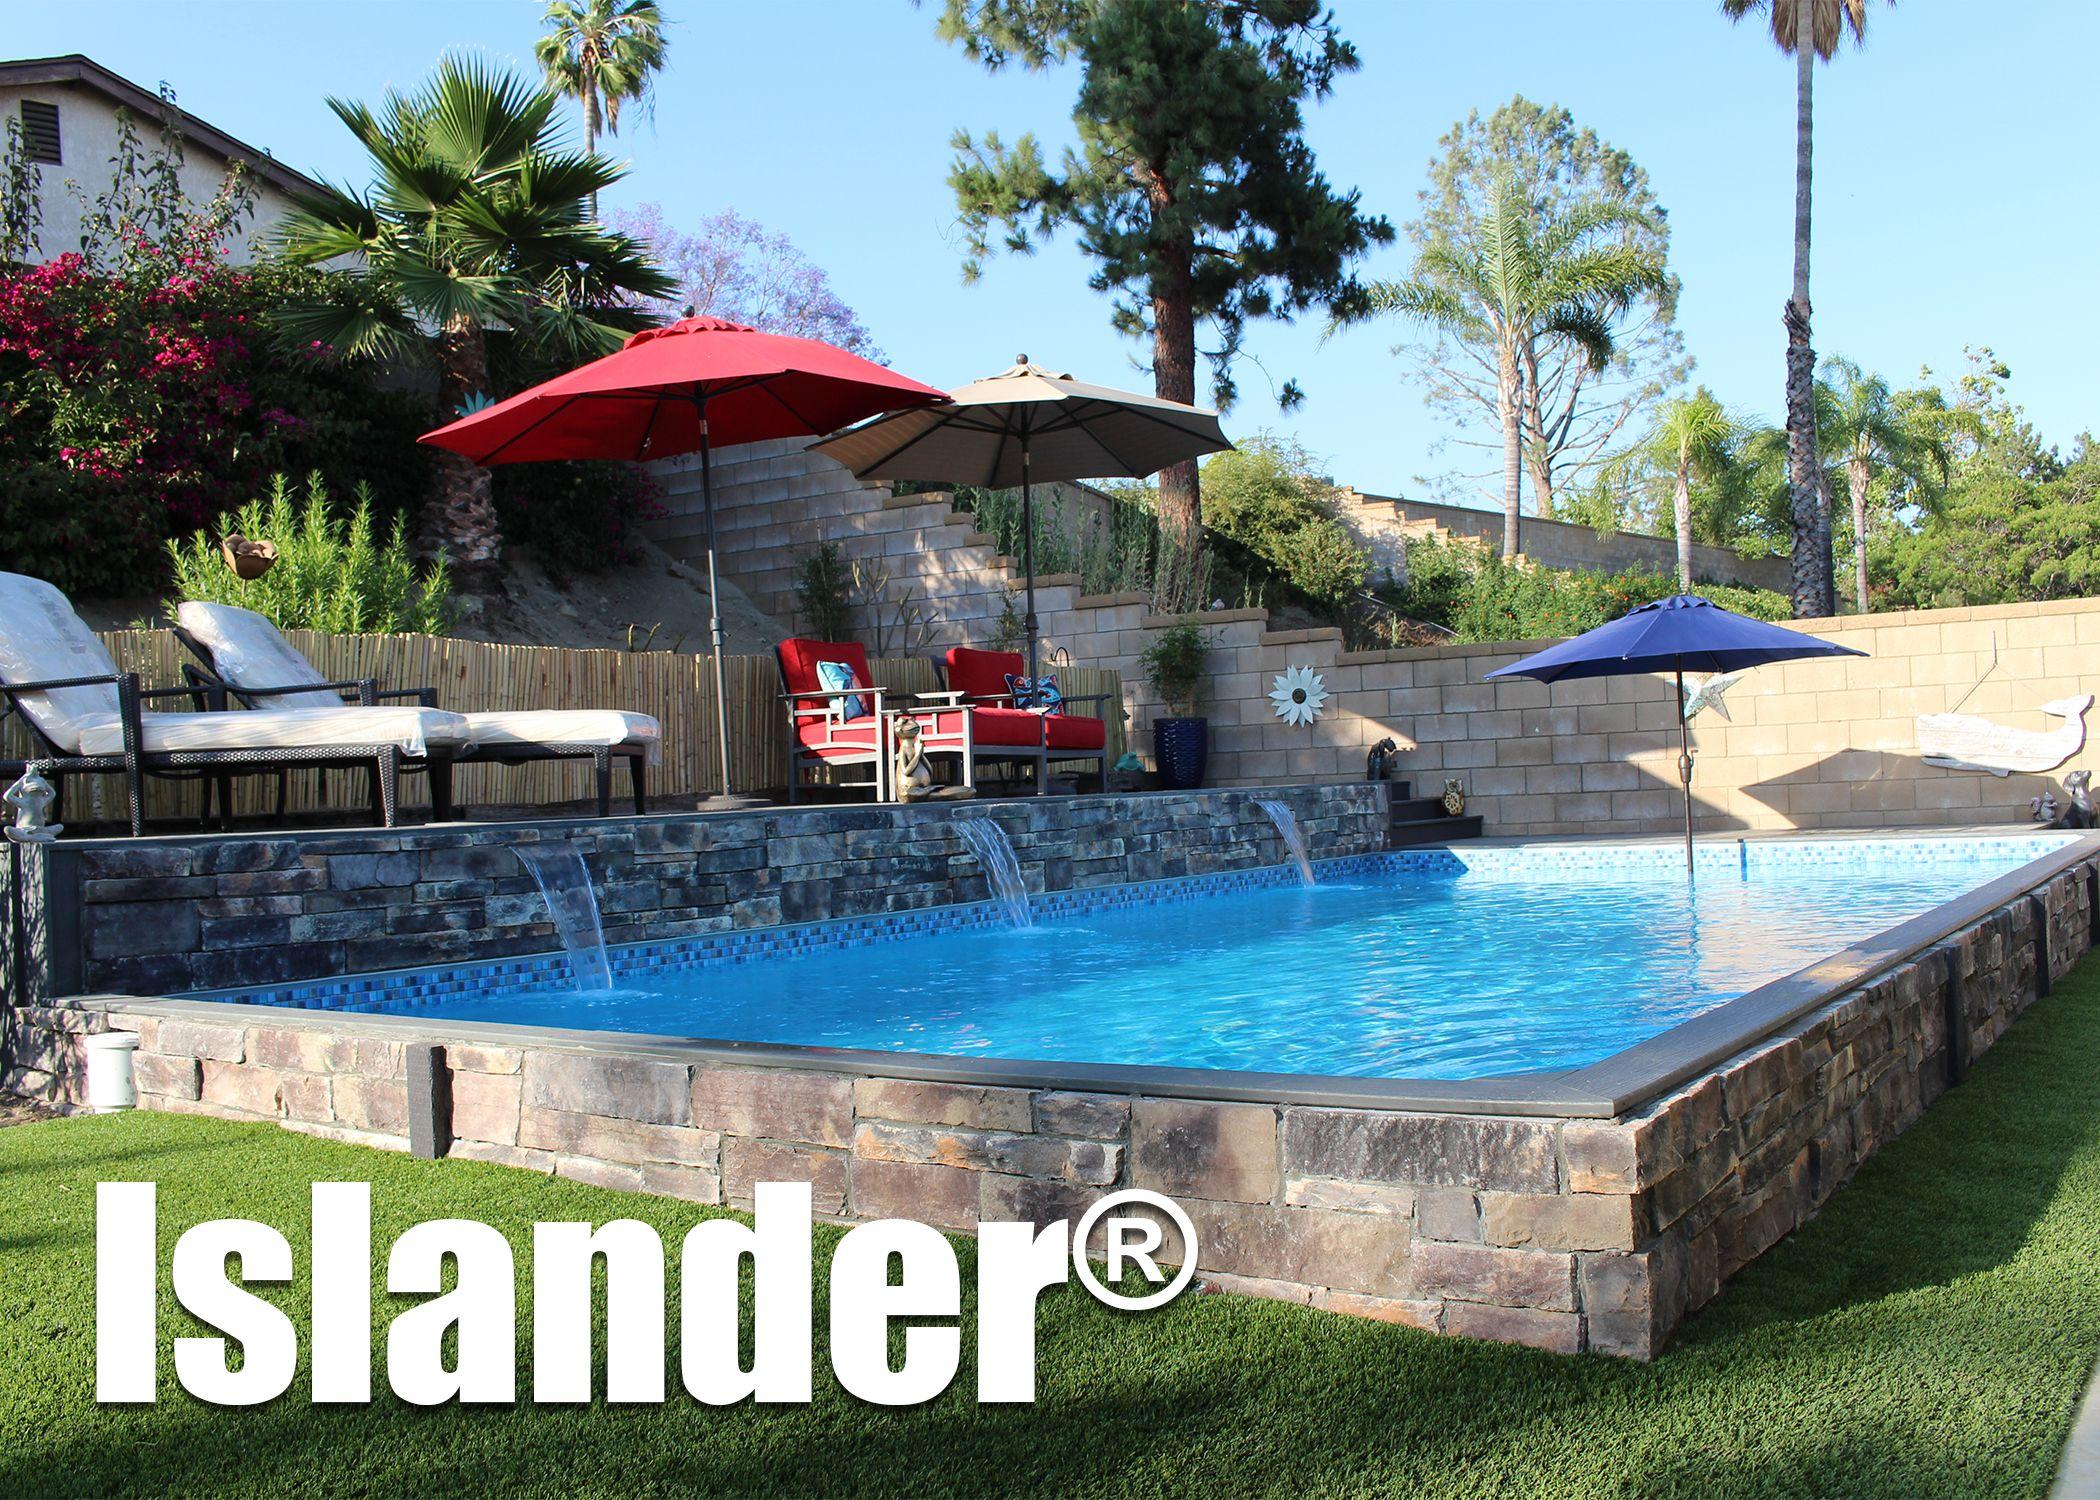 Pin By Secard Pools Spas On Islander Pool By Secard Pools Islander Pools Backyard Pool